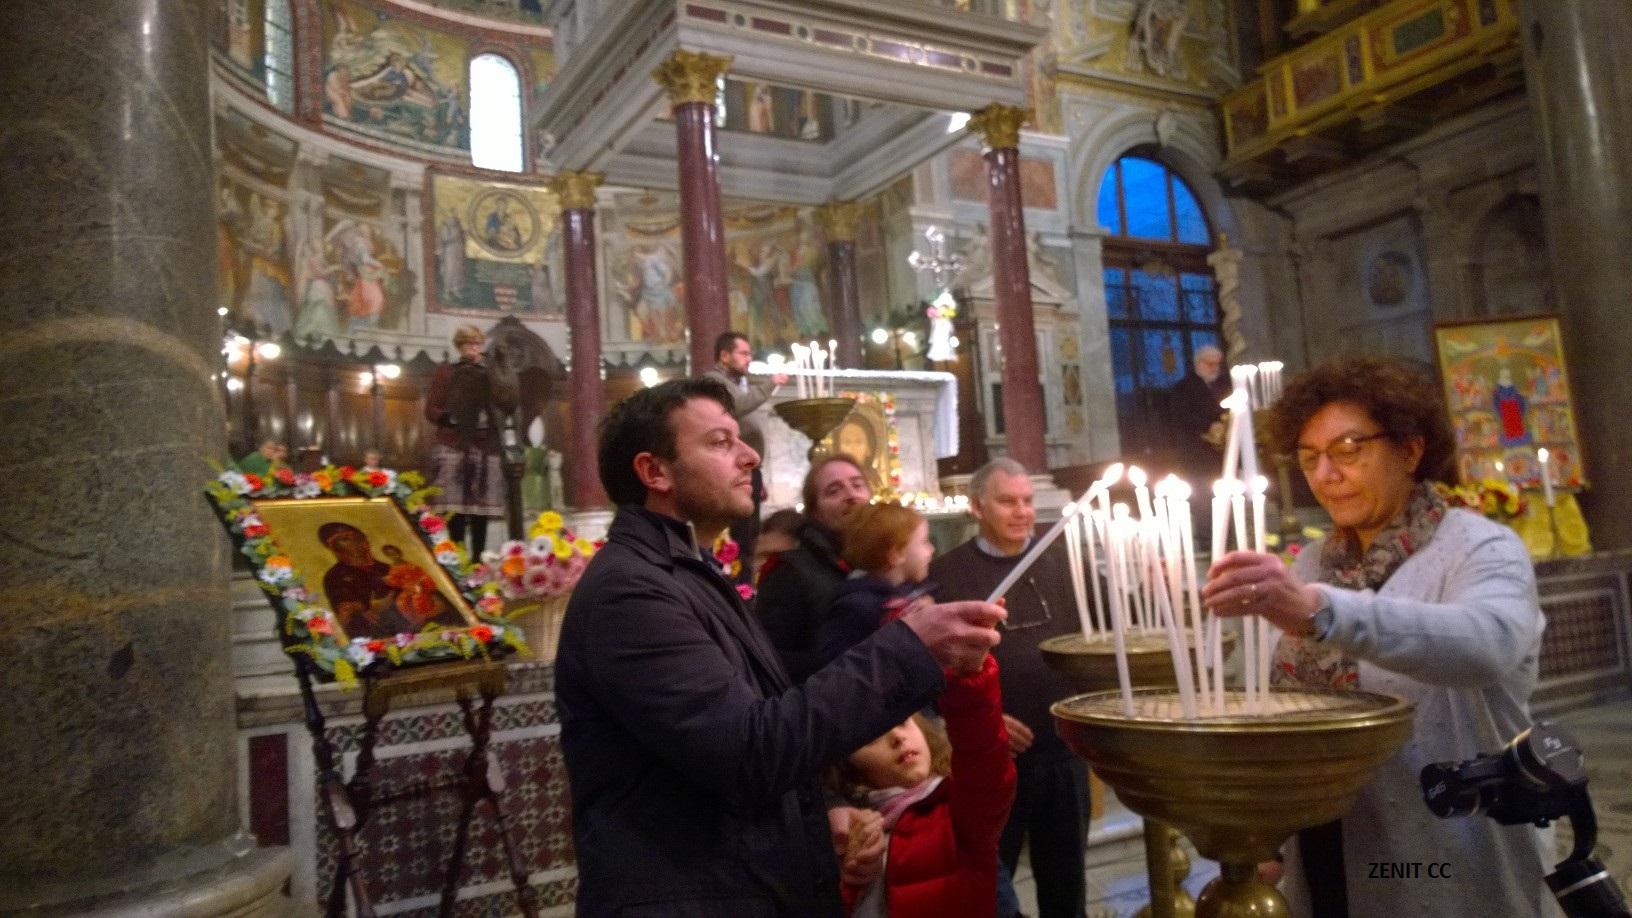 Las velas por los sin techo en Sta María in Trastevere (Fto. ZENITcc)